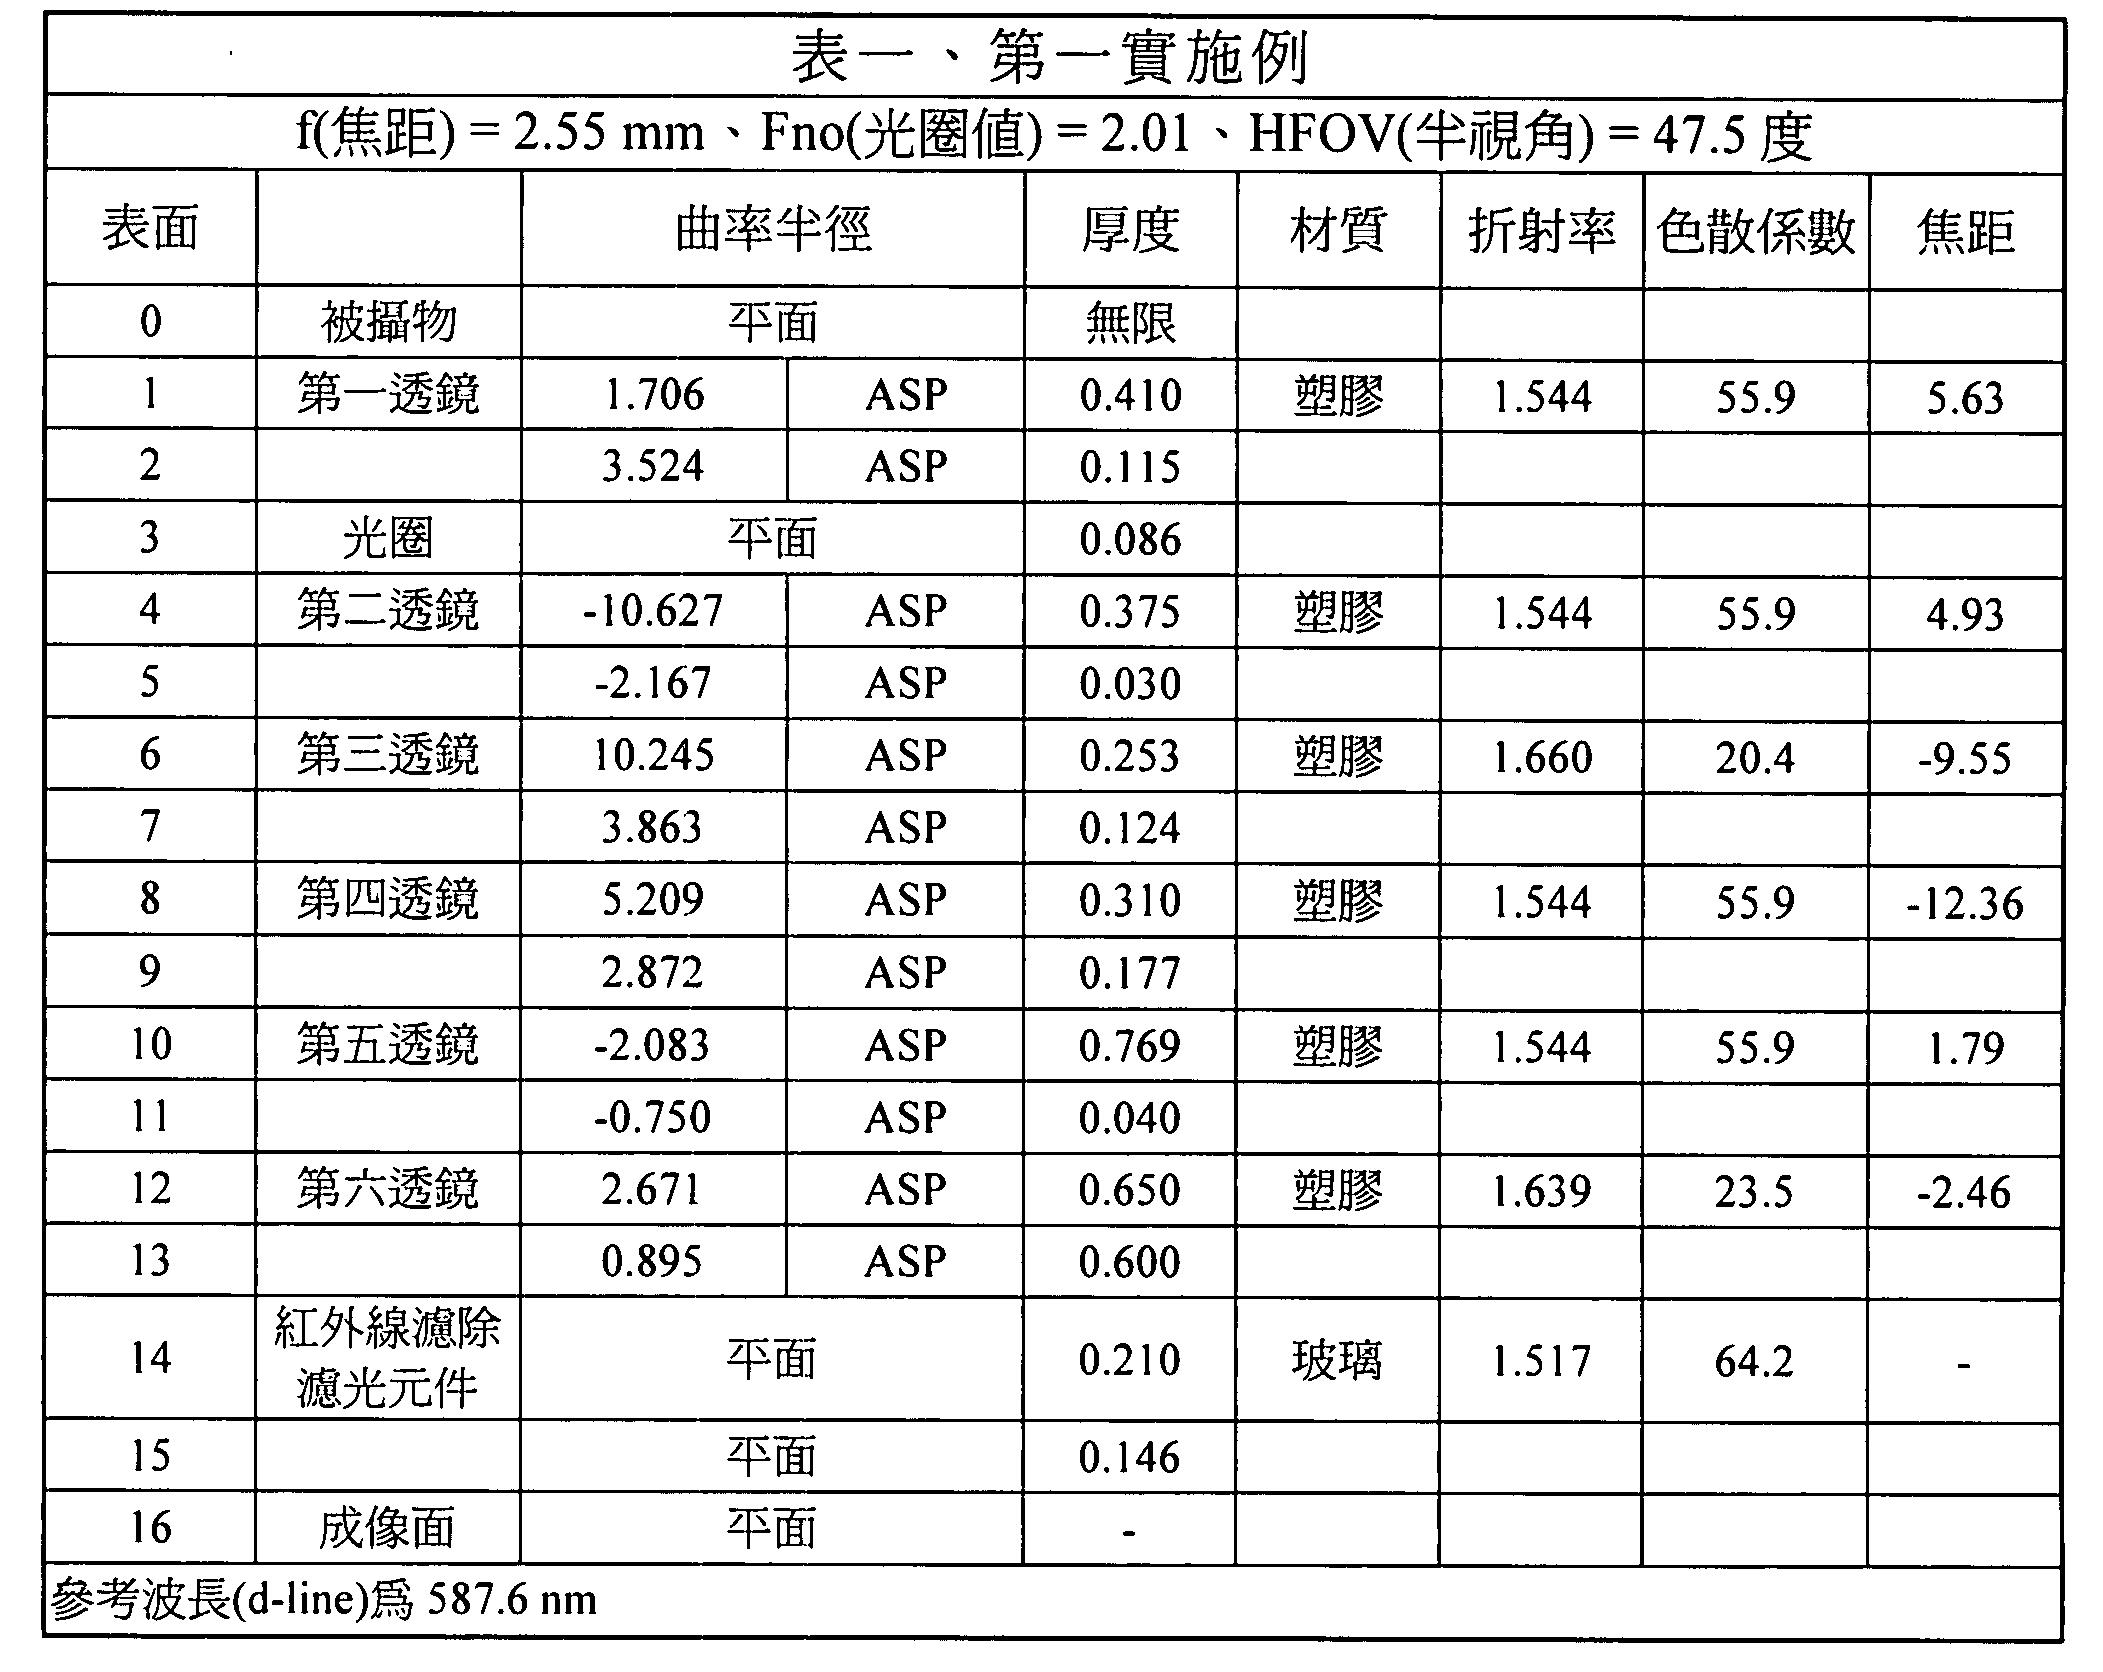 Figure TWI610090BD00005